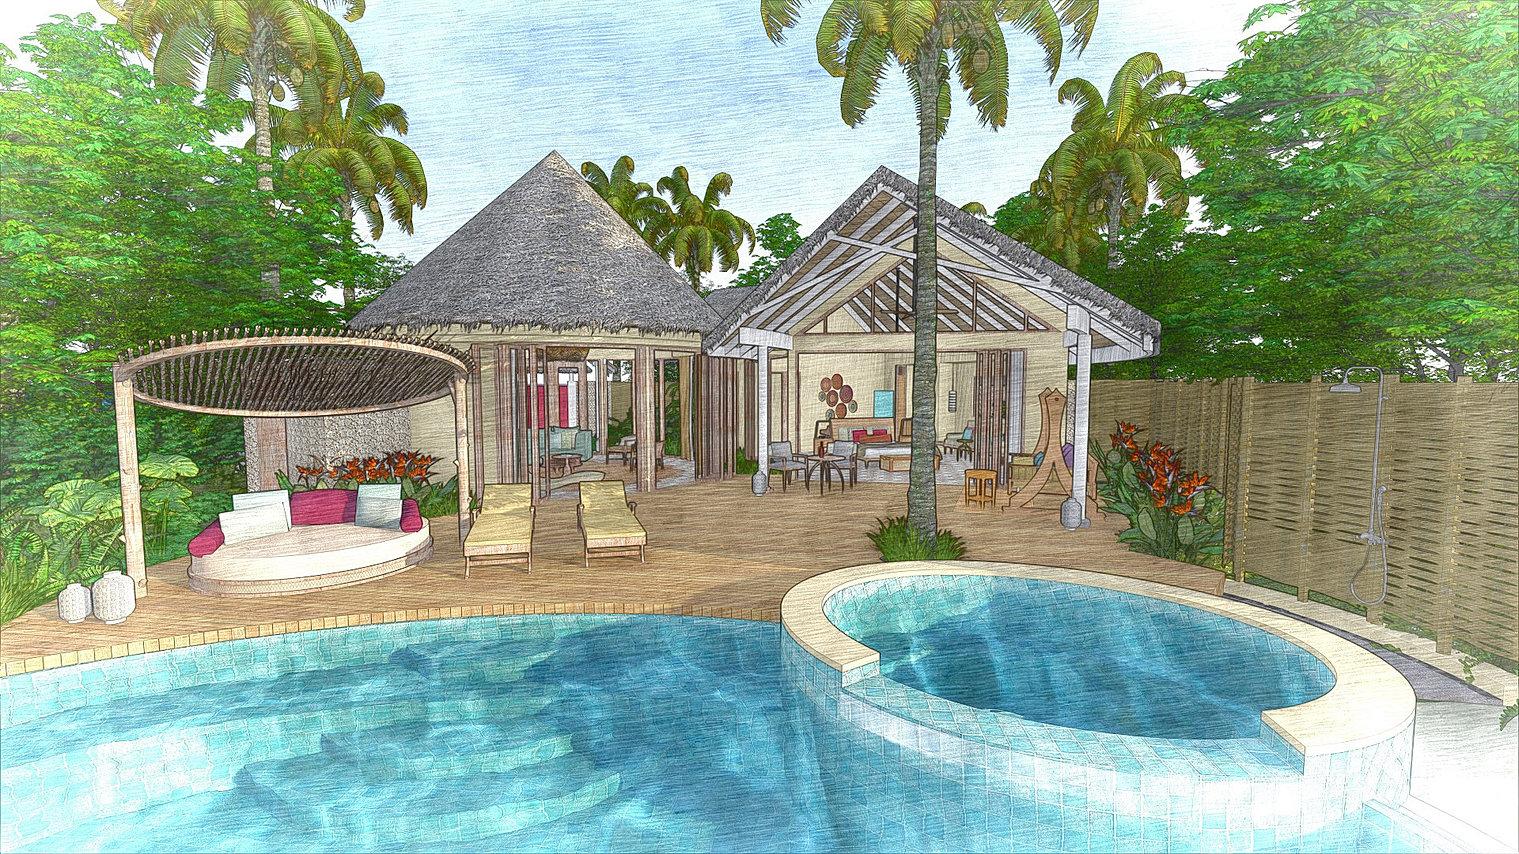 Milaidhoo maldives topo design studio landscape architects for Landscape design studio